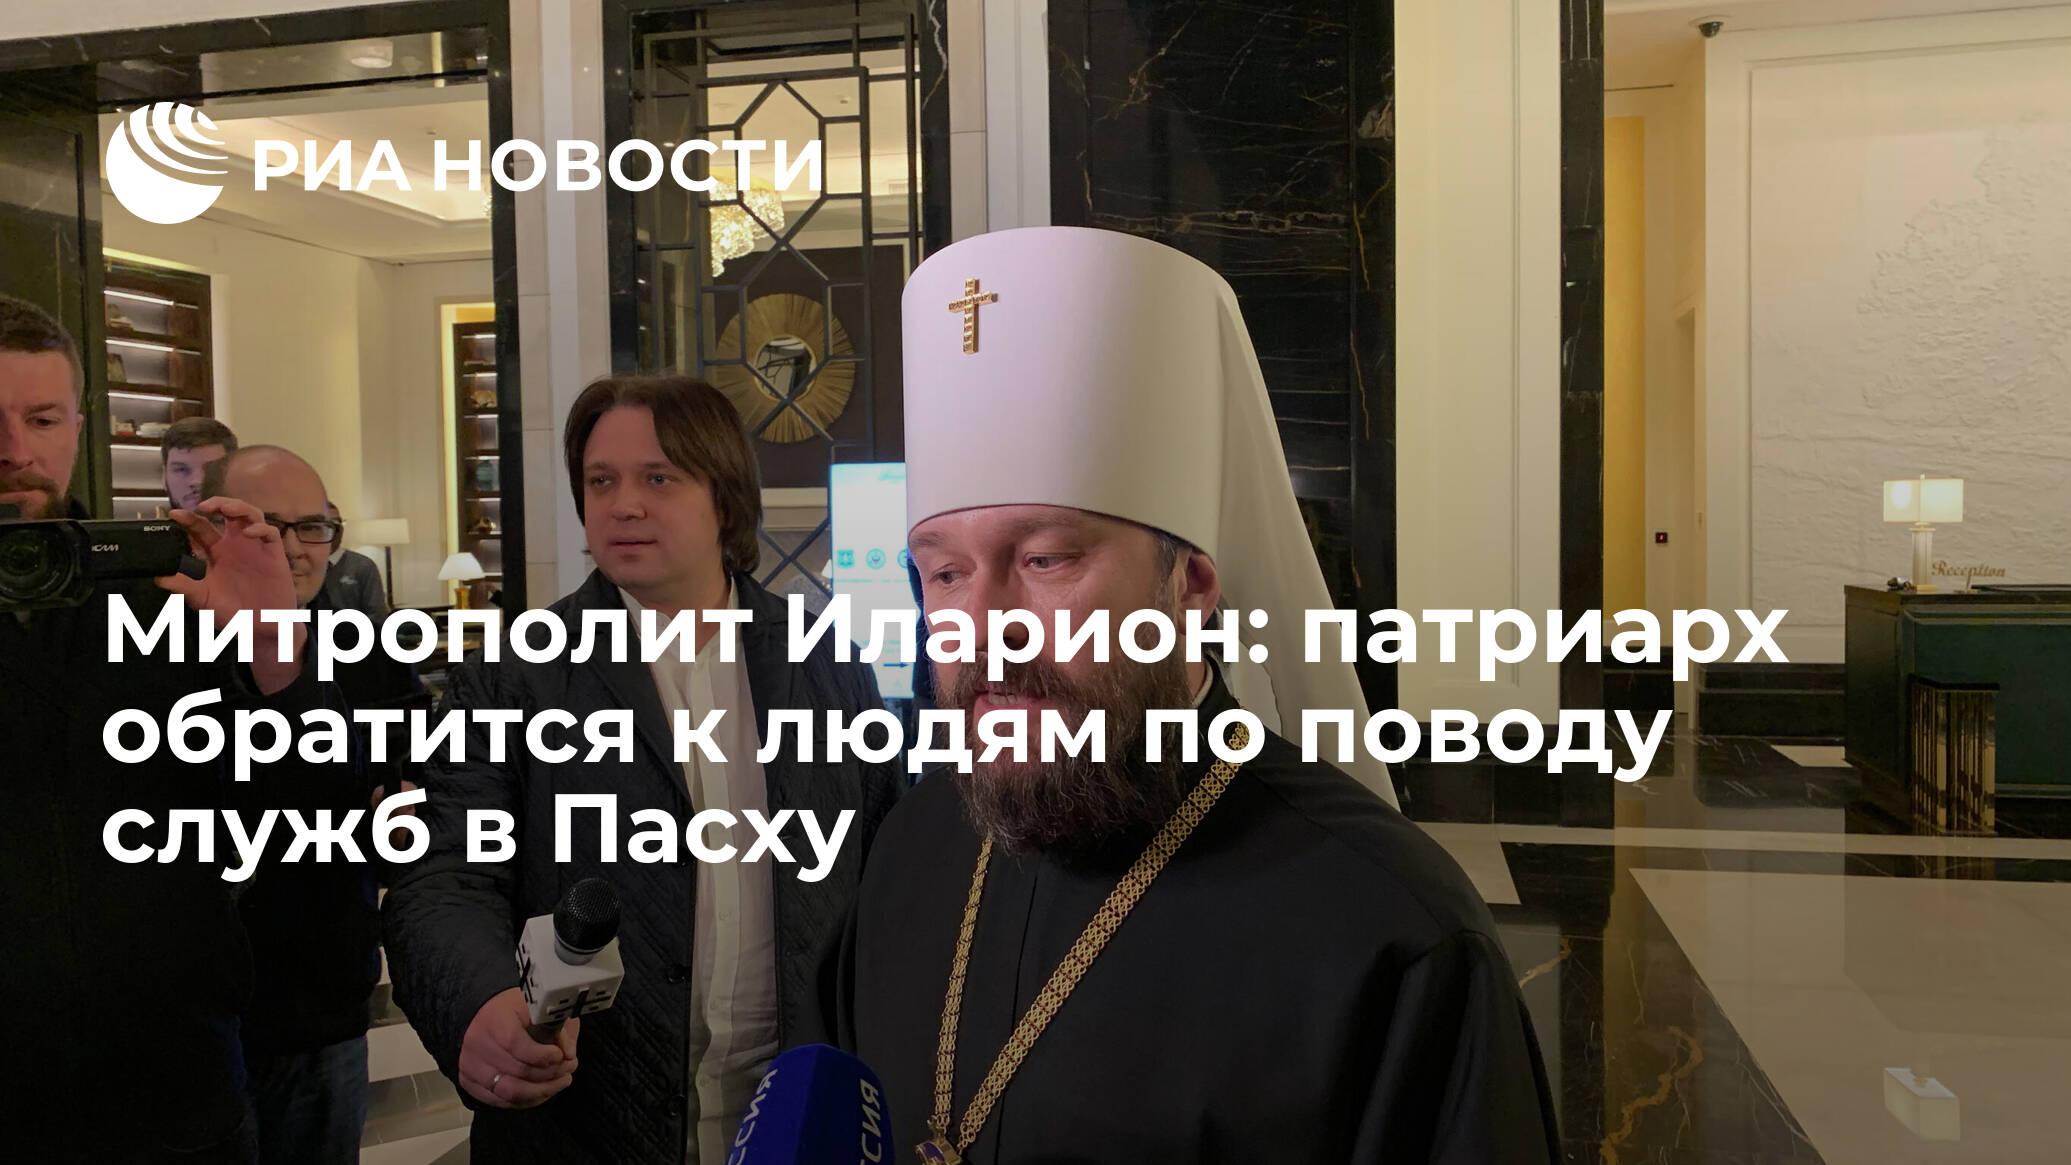 Митрополит Иларион: патриарх обратится к людям по поводу служб в Пасху